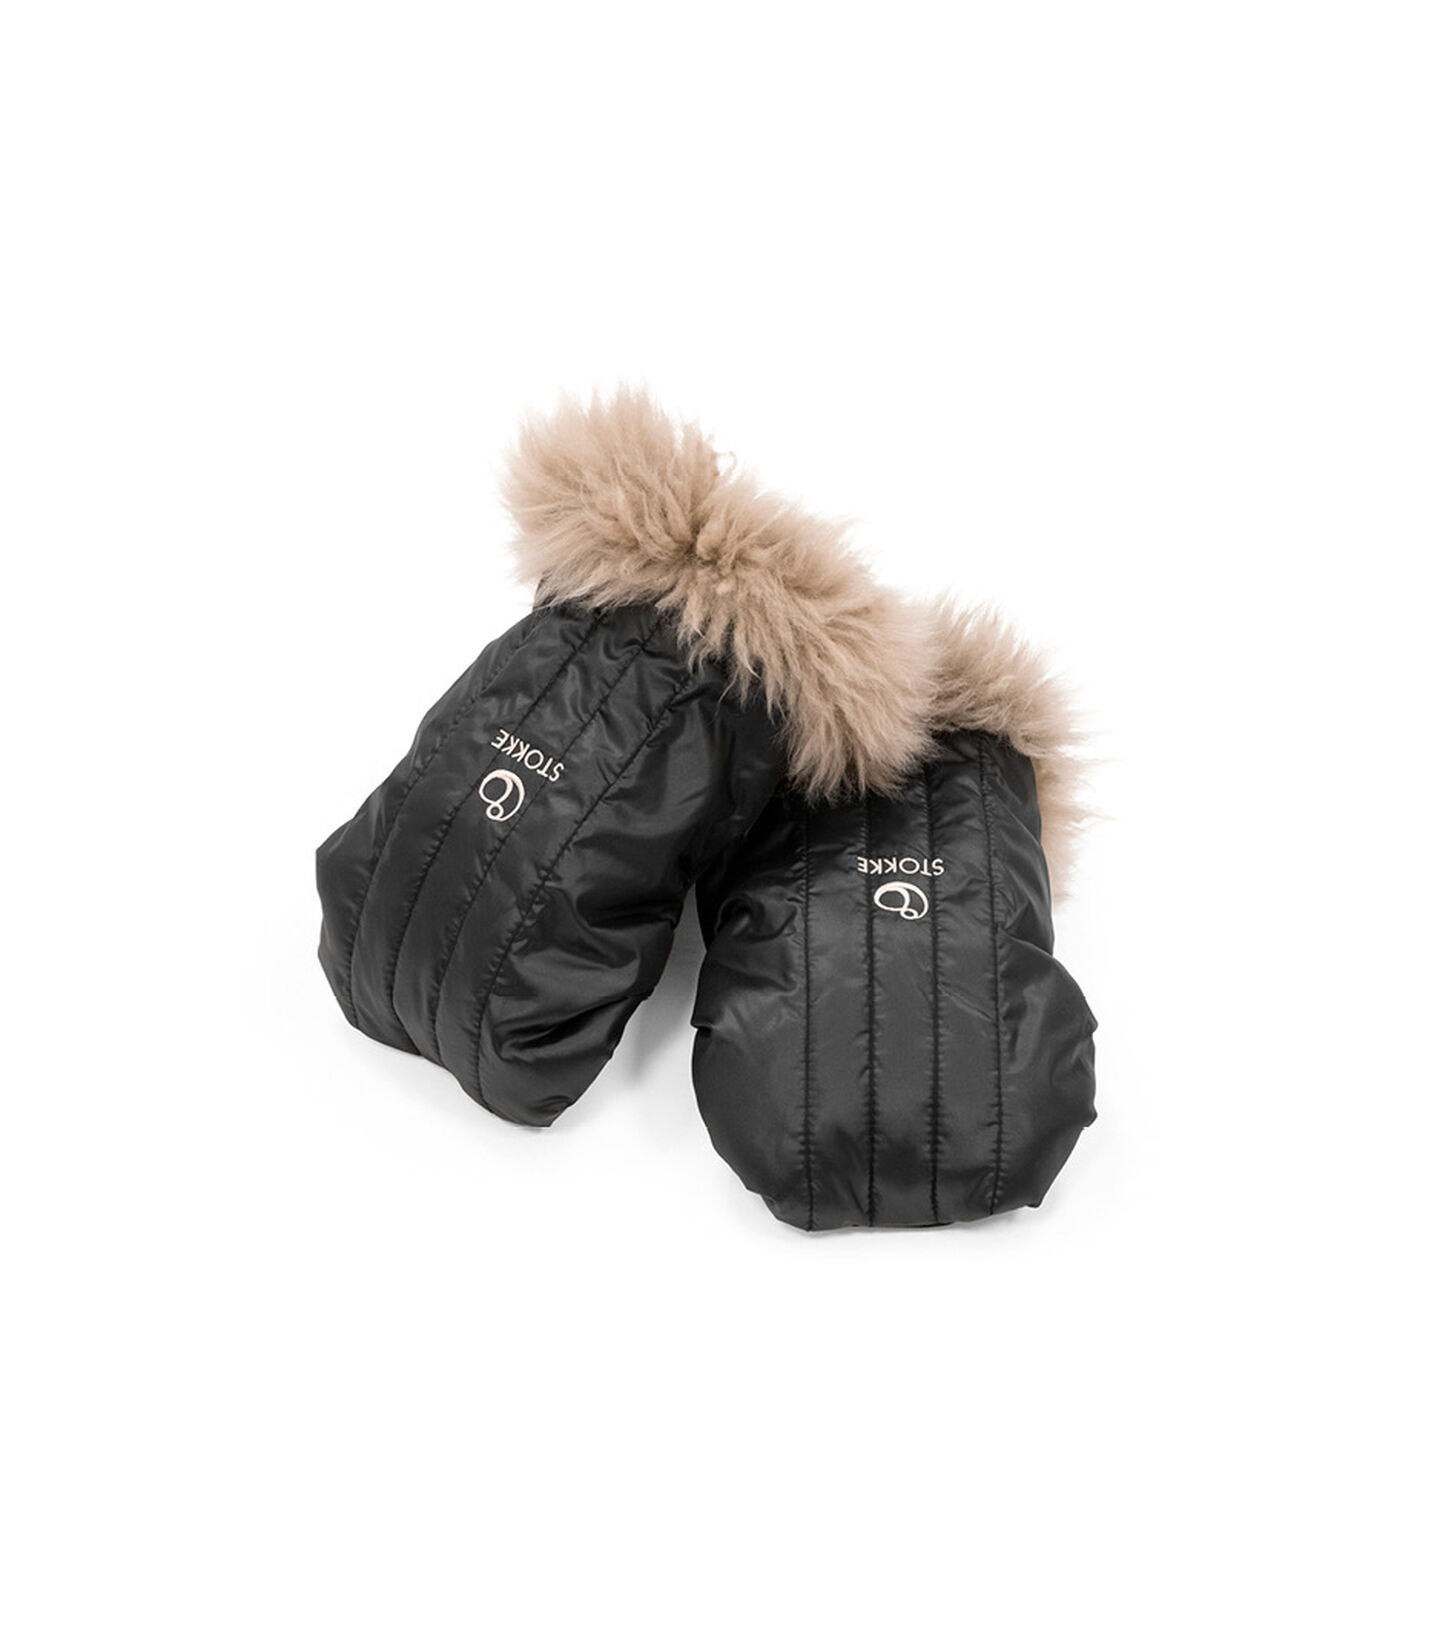 Stokke® Stroller Mittens, Onyx Black. Part of Stokke® Stroller Winter Kit. view 2